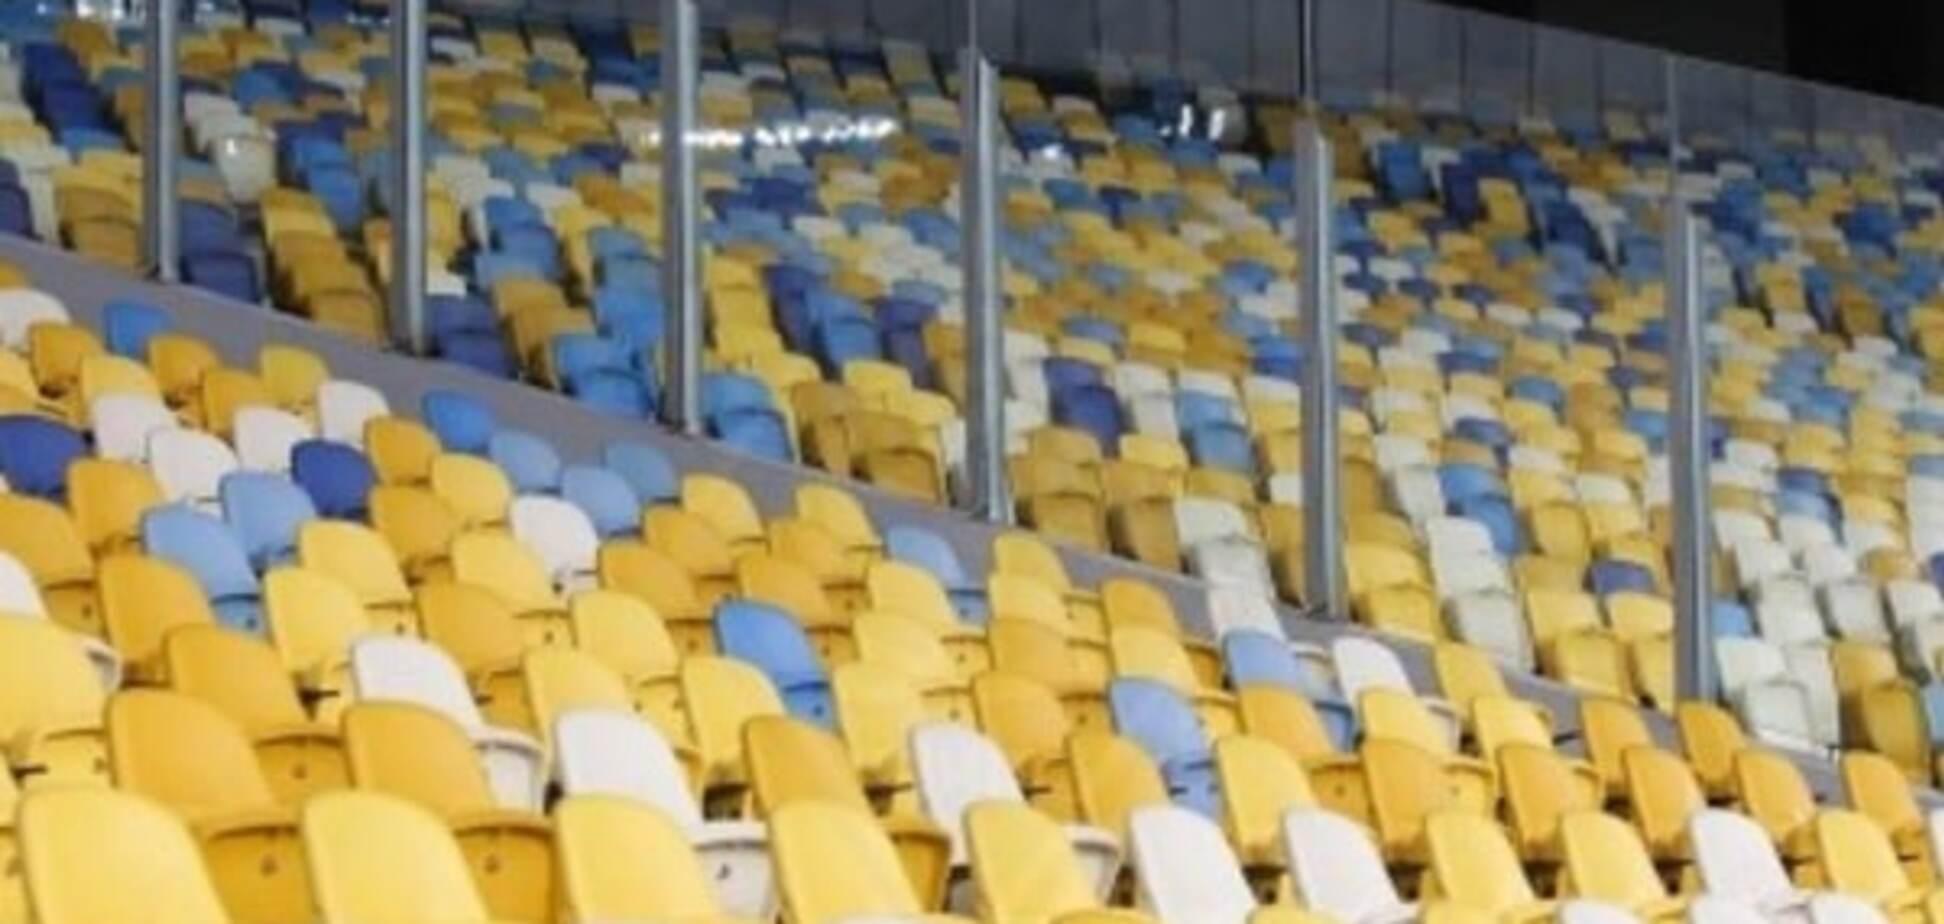 Підстава дня. УЄФА пустить уболівальників 'Маккабі' на матч з 'Динамо'